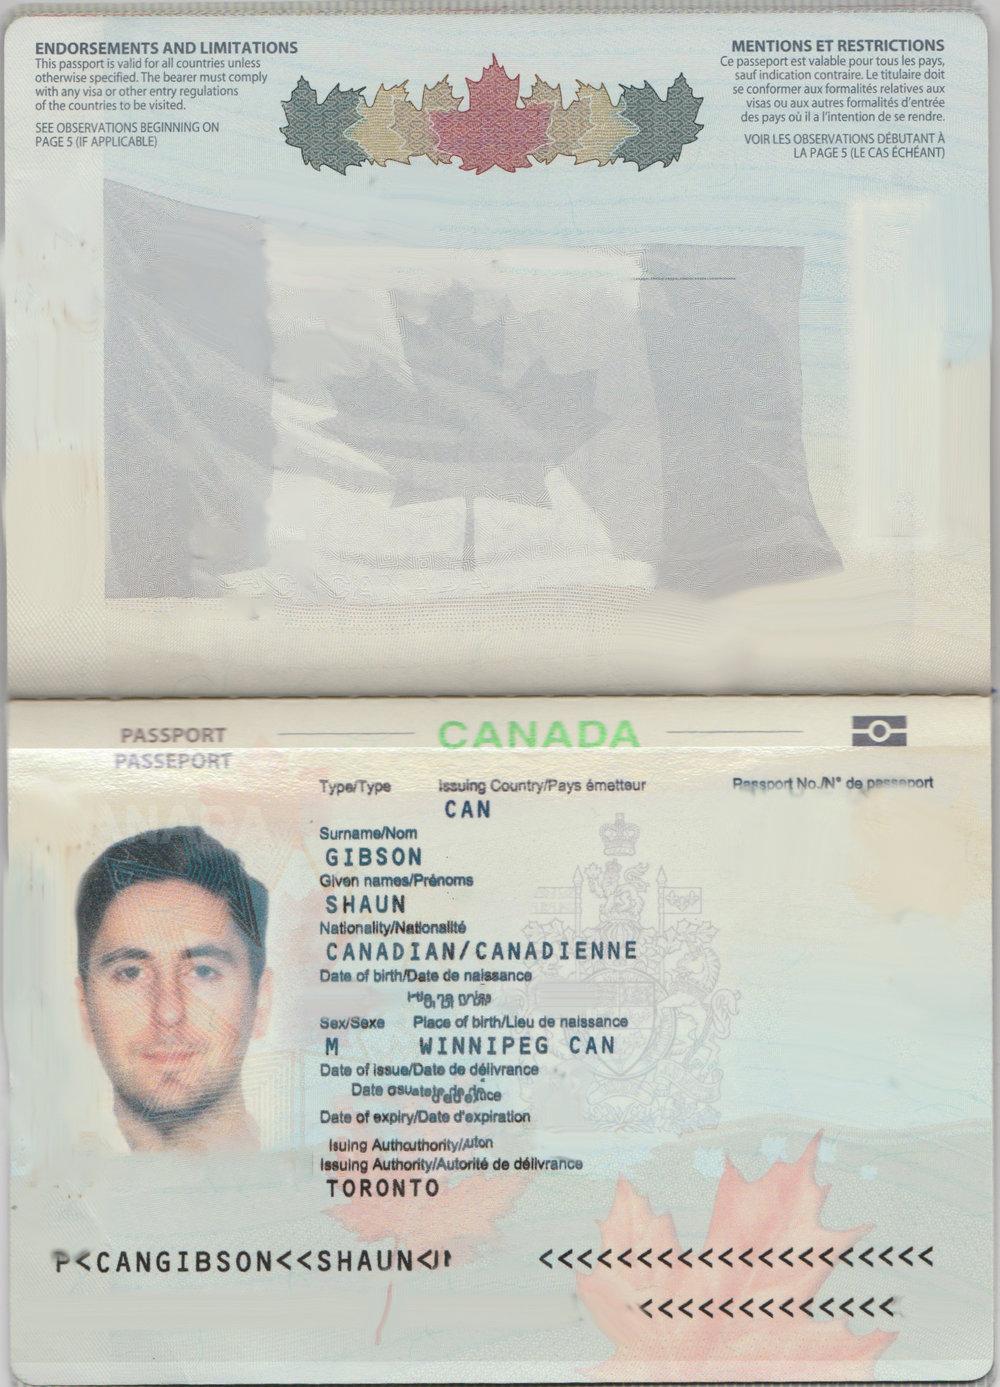 SG-passport-new.jpg